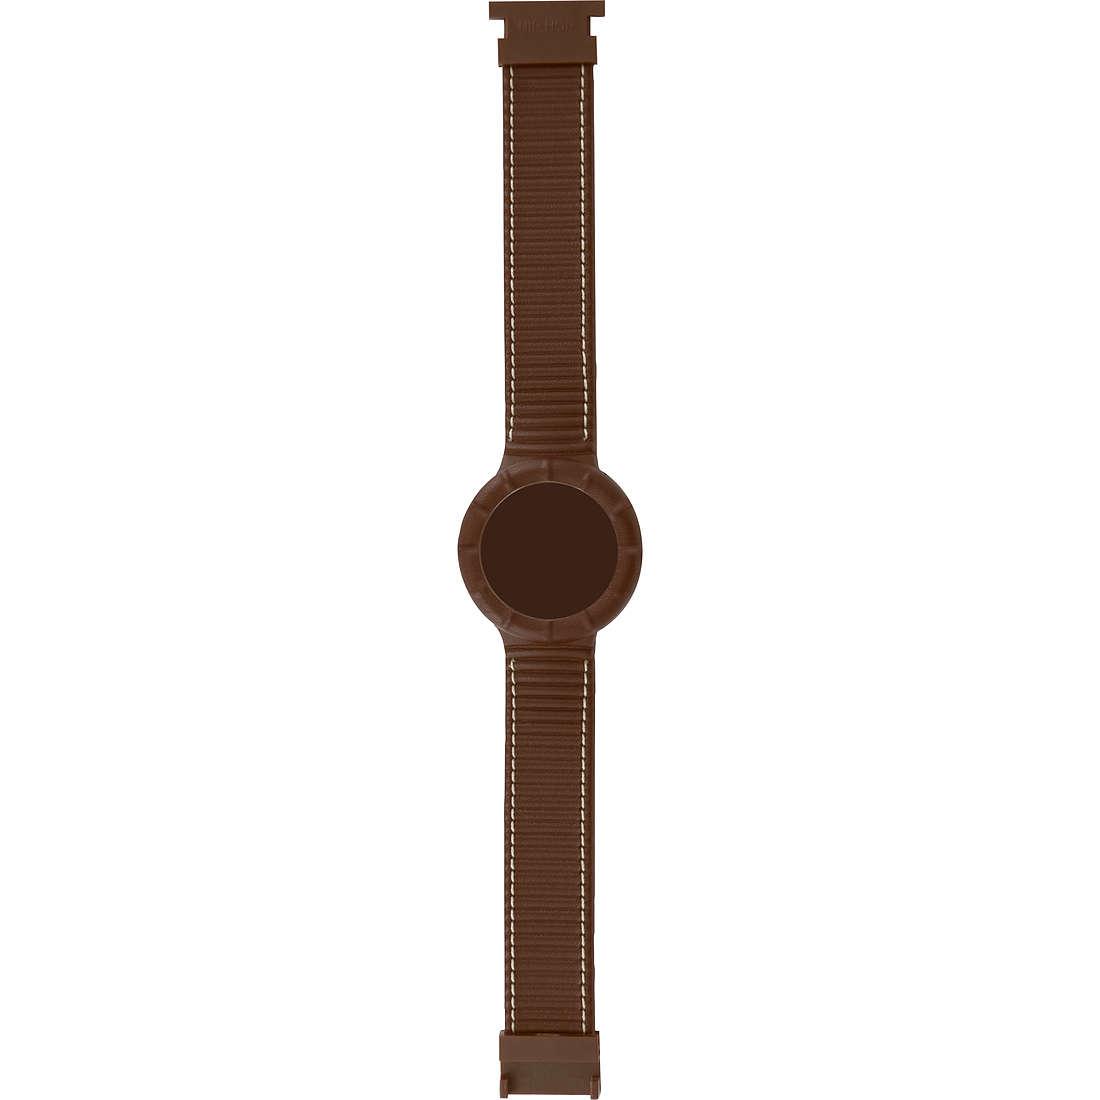 montre bracelet montre unisex Hip Hop Leather HBU0206